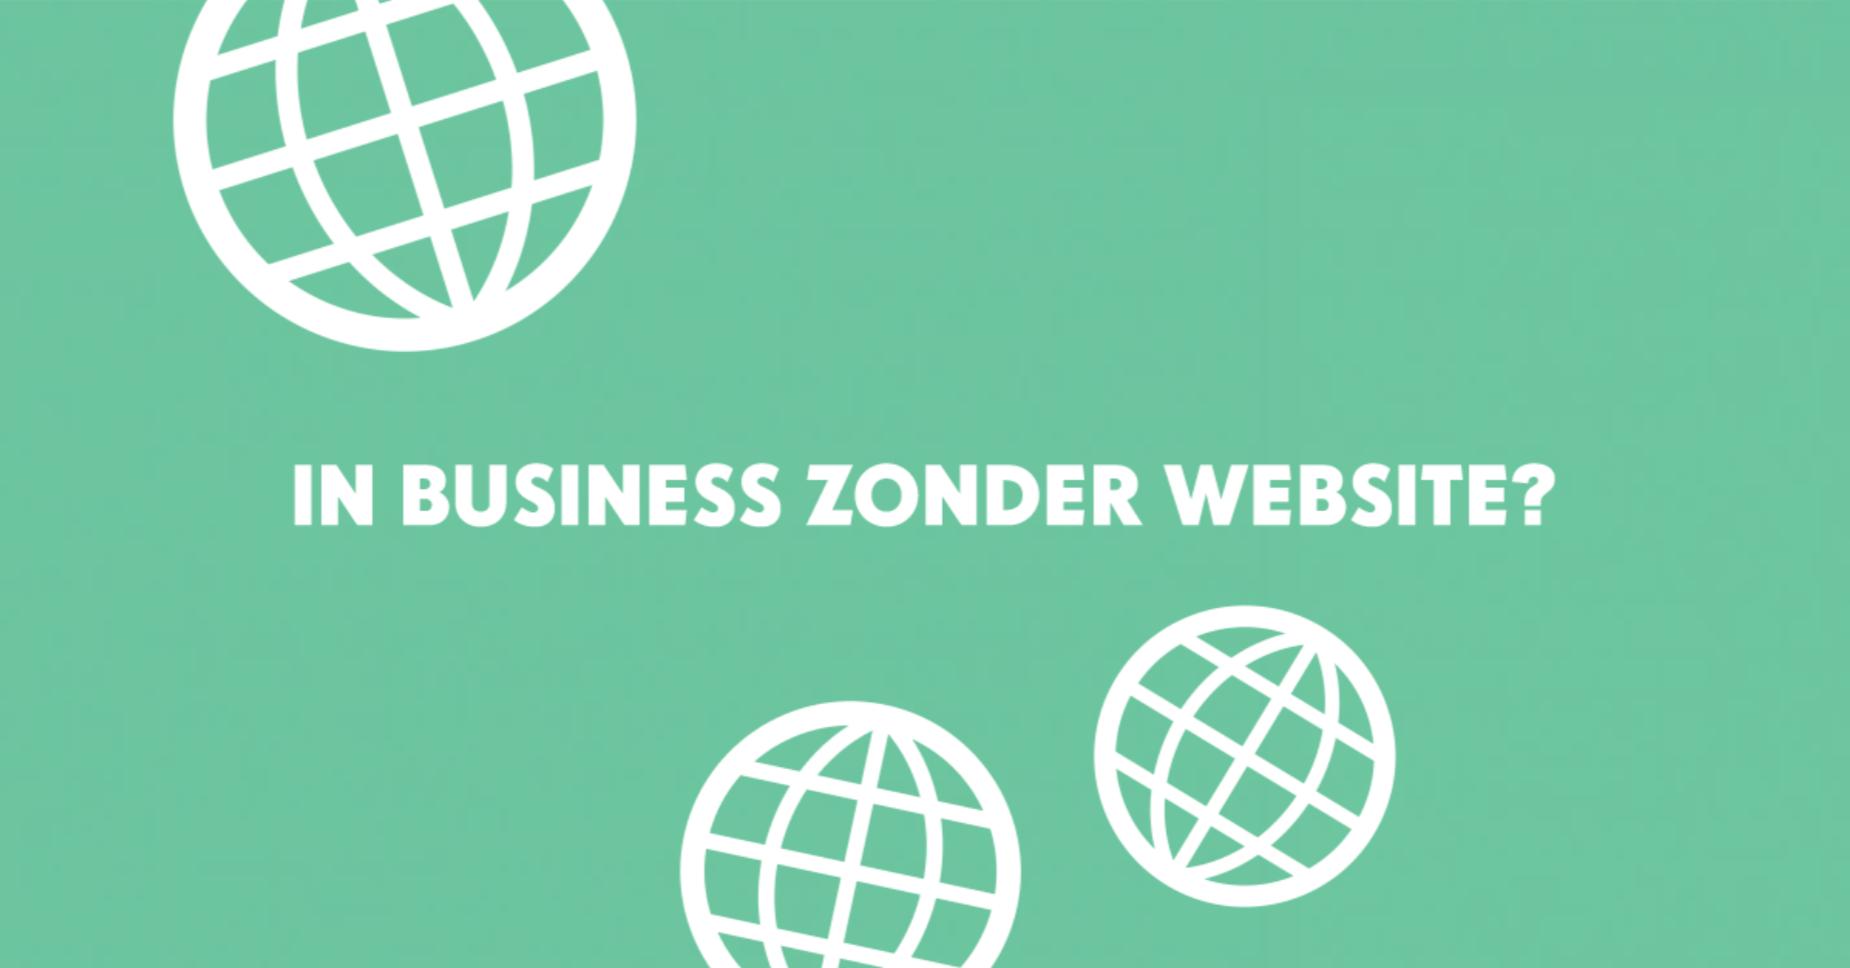 inbusinesszonderwebsite